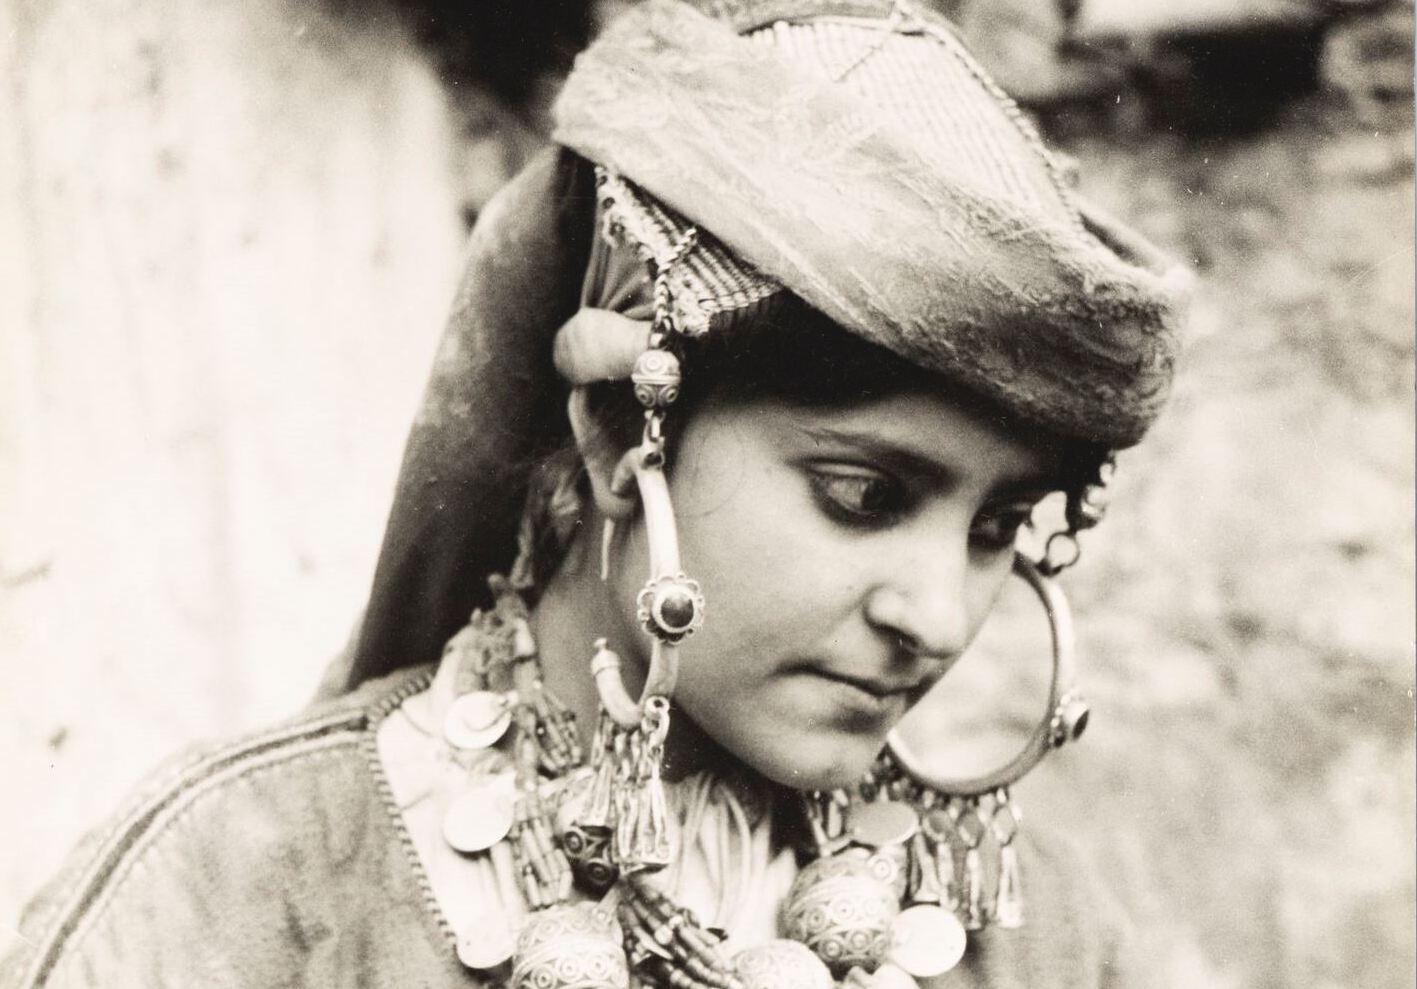 Tiznit, région du Souss. Femme juive en costume journalier. (Crédit : mahJ © Adagp, Paris, 2020)